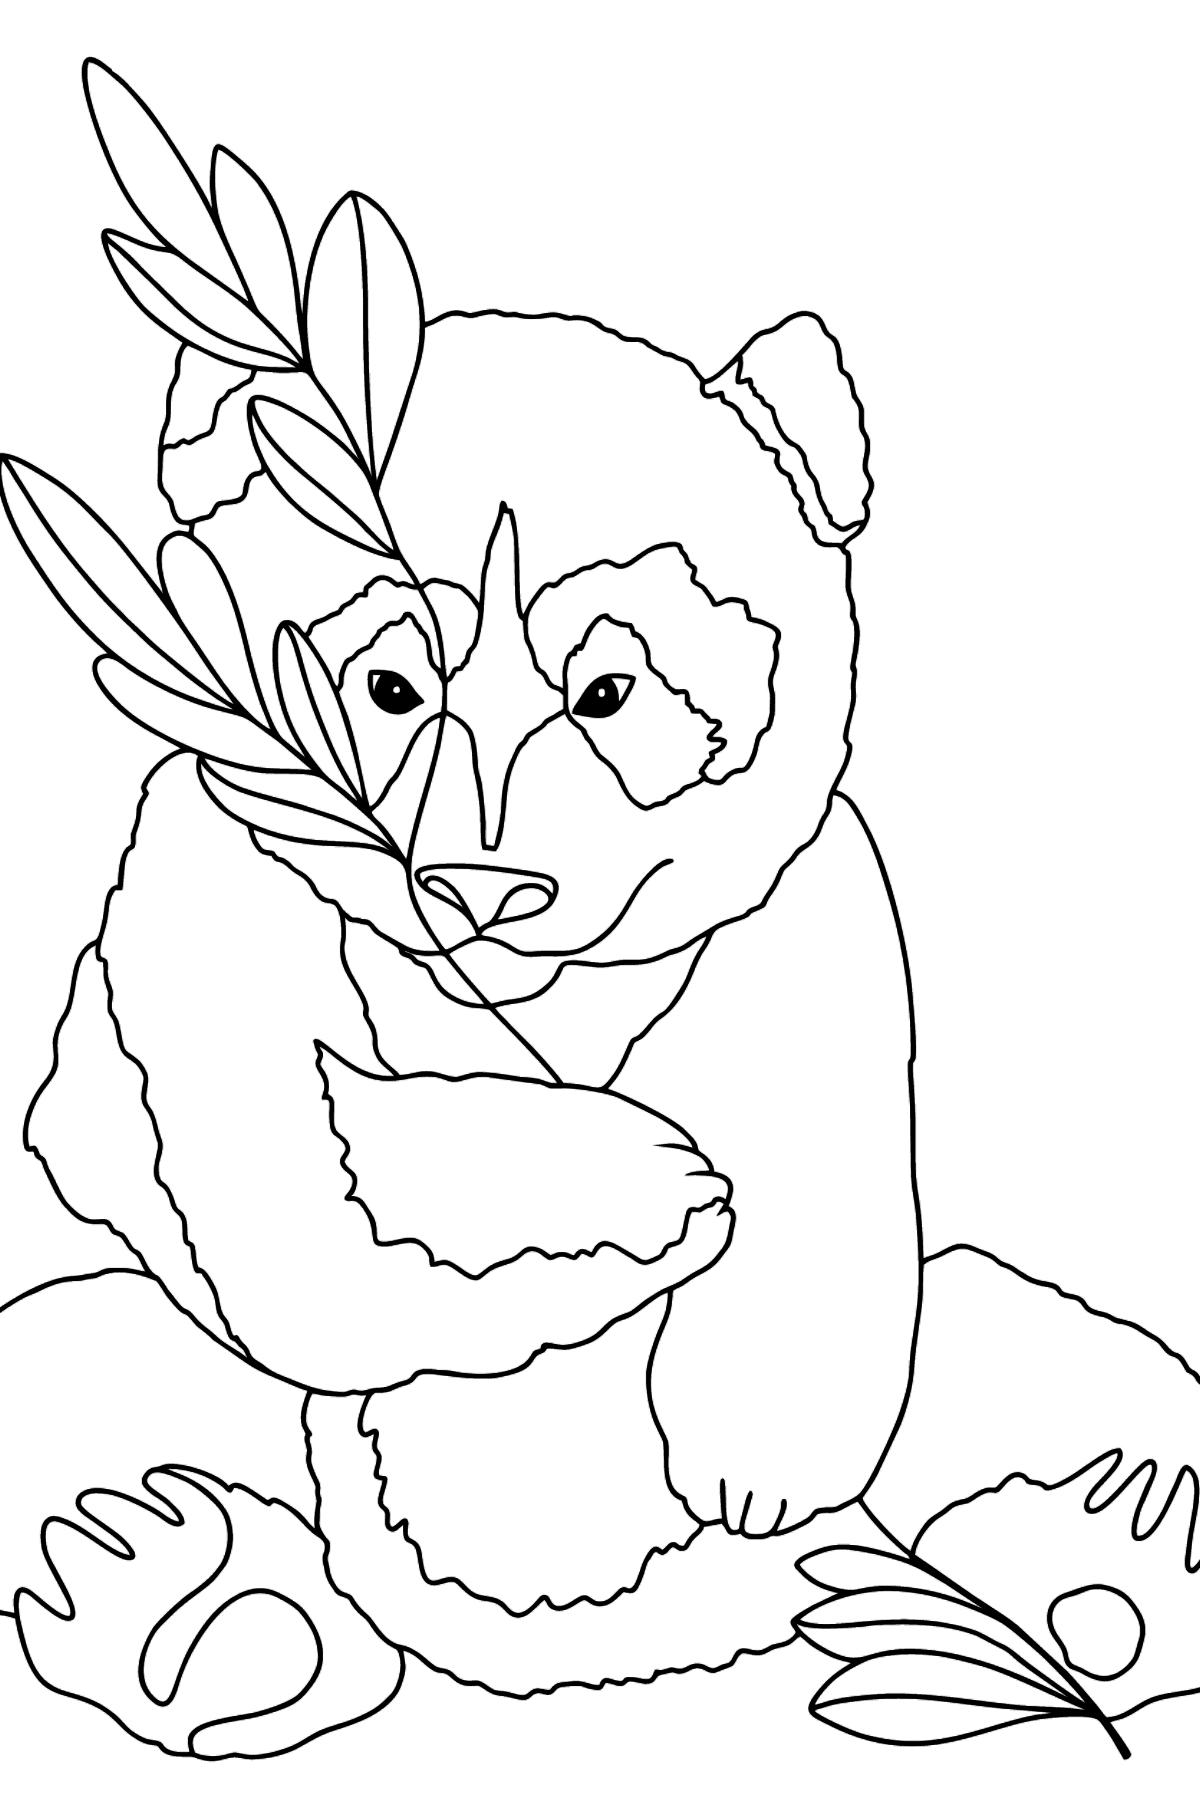 Раскраска панда любит листья бамбука - Картинки для Детей